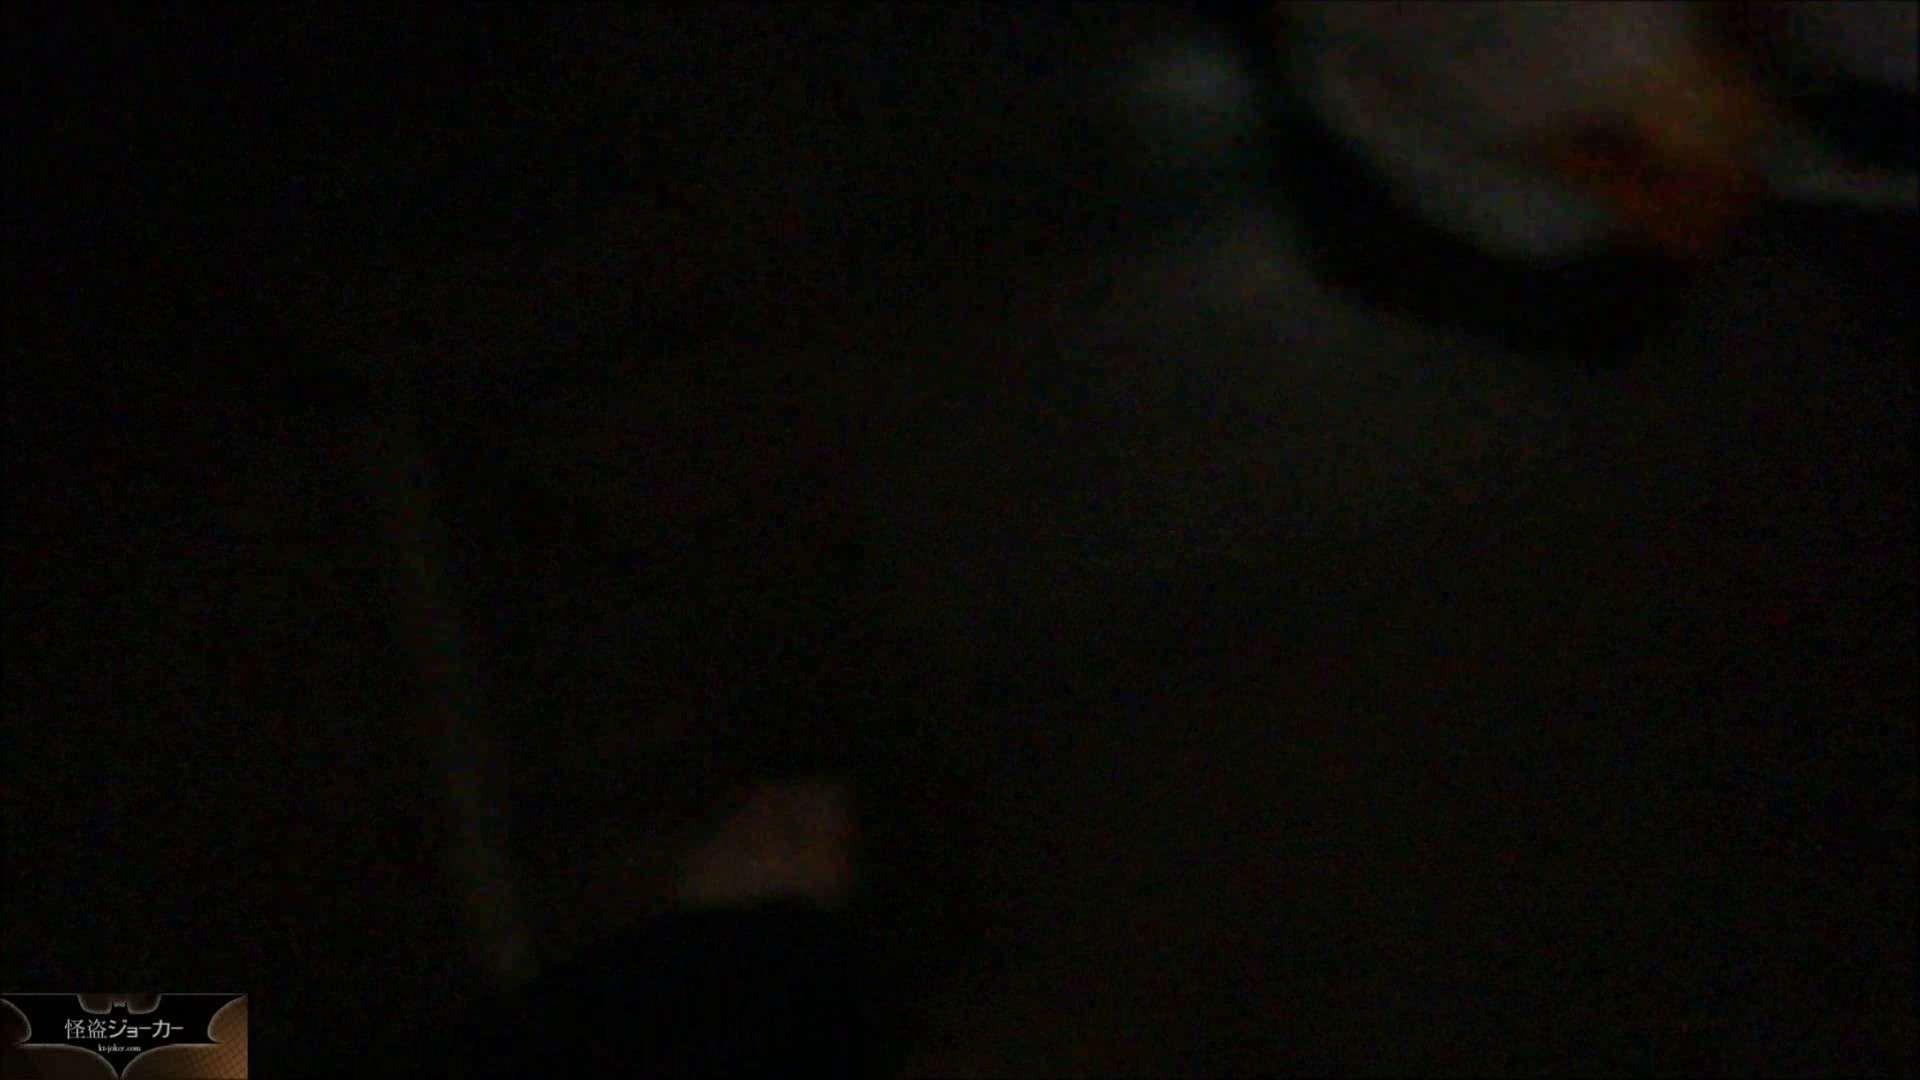 【未公開】vol.4 ユリナ×ヒトミ女市女末を・・・ 美人編  86画像 27